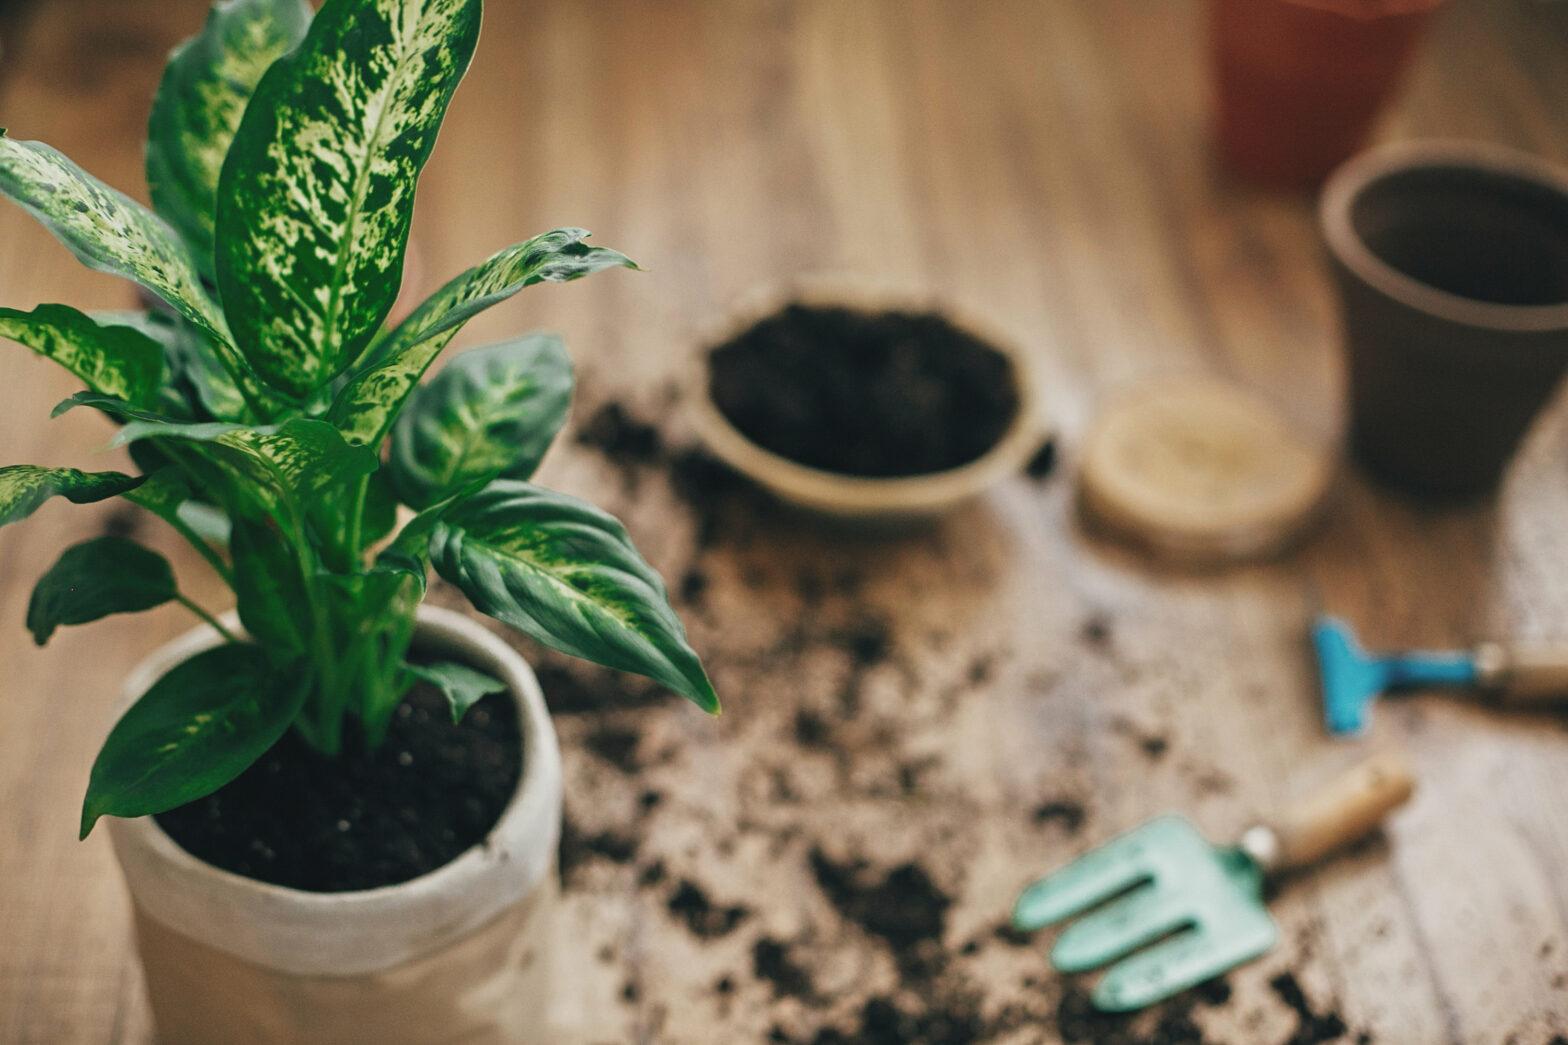 Die 5 häufigsten Fehler bei der Pflanzenpflege